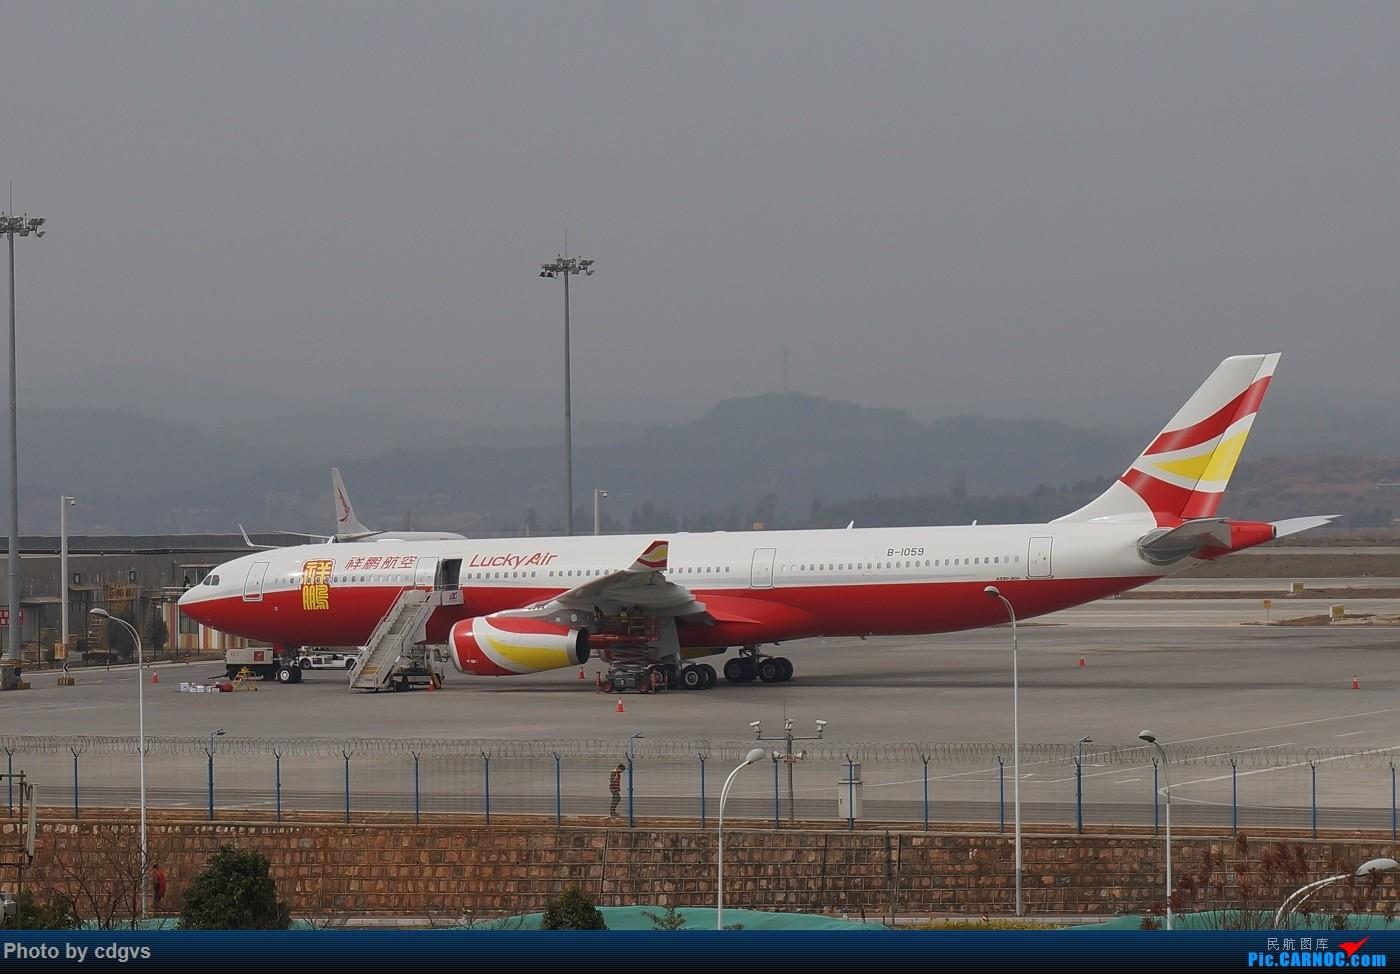 东航&南航 省内刷航段,飞空客波音两种不同机型 airbus a330-300 b-10图片